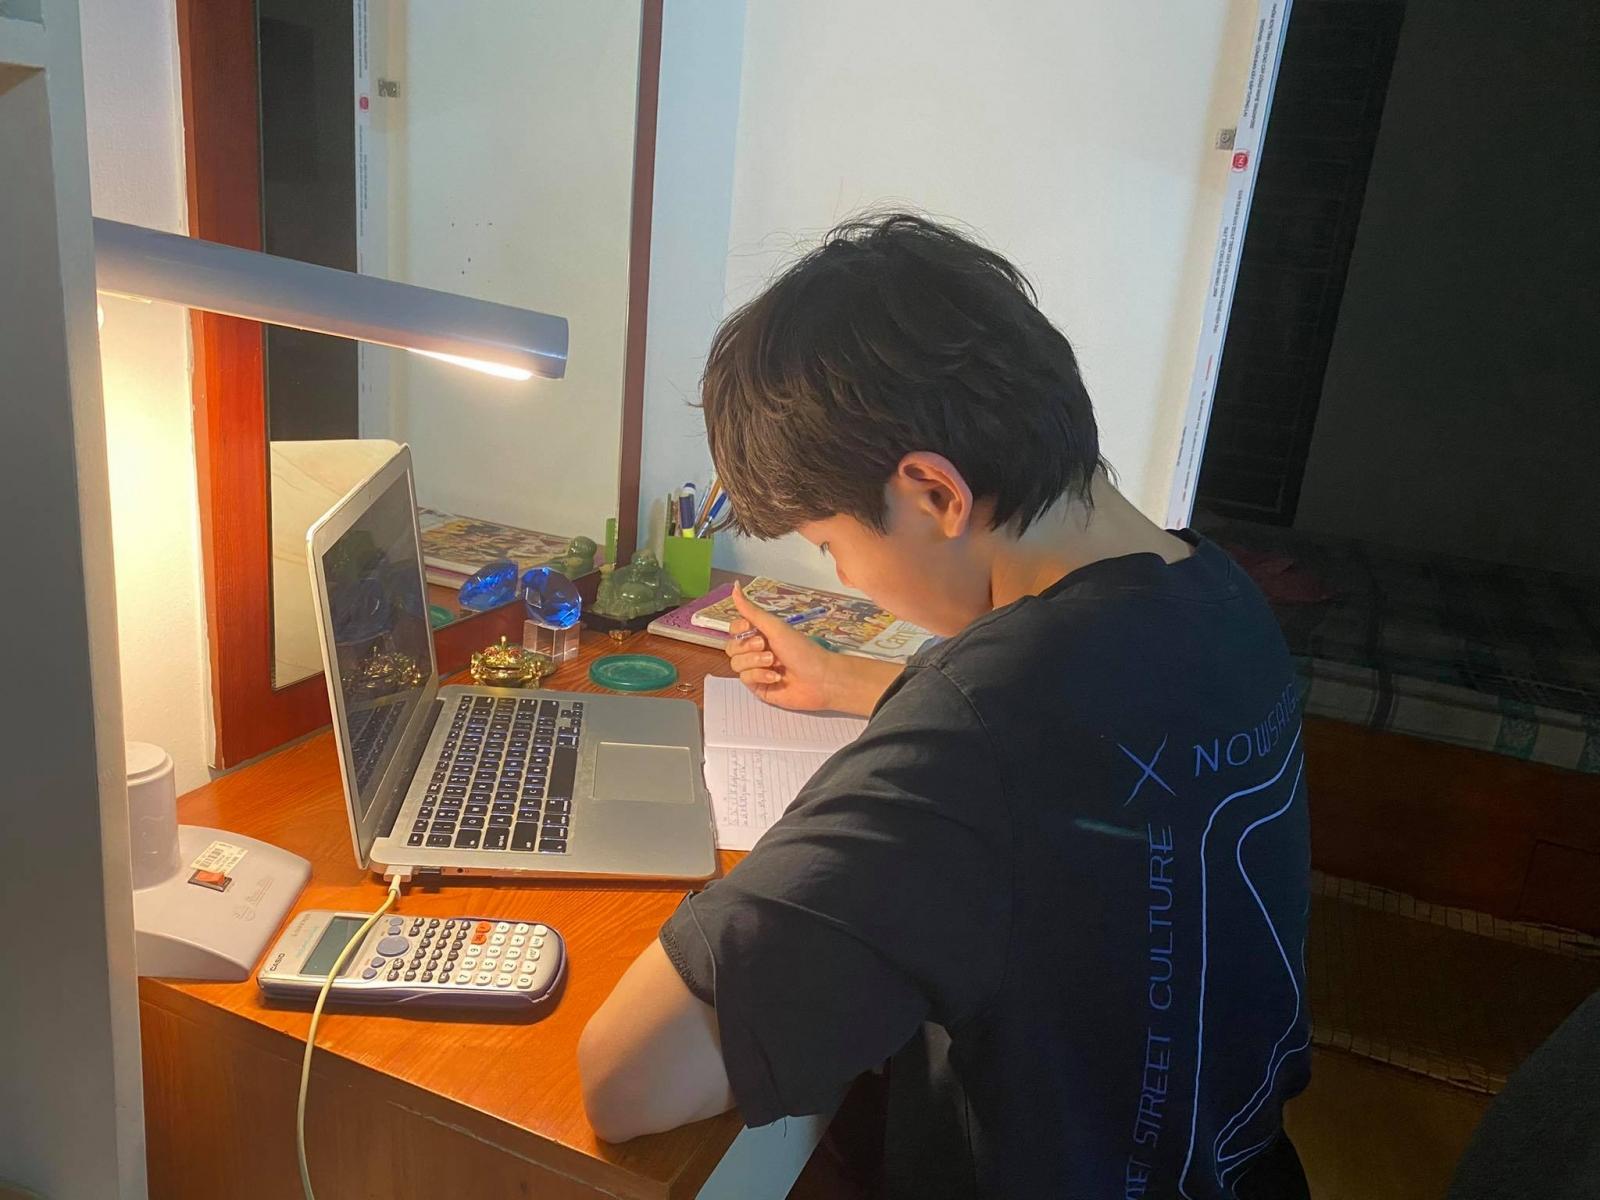 Khảo sát trực tuyến cho học sinh lớp 12 tại Hà Nội: Bài đọc dài, nhiều từ mới - Ảnh 1.